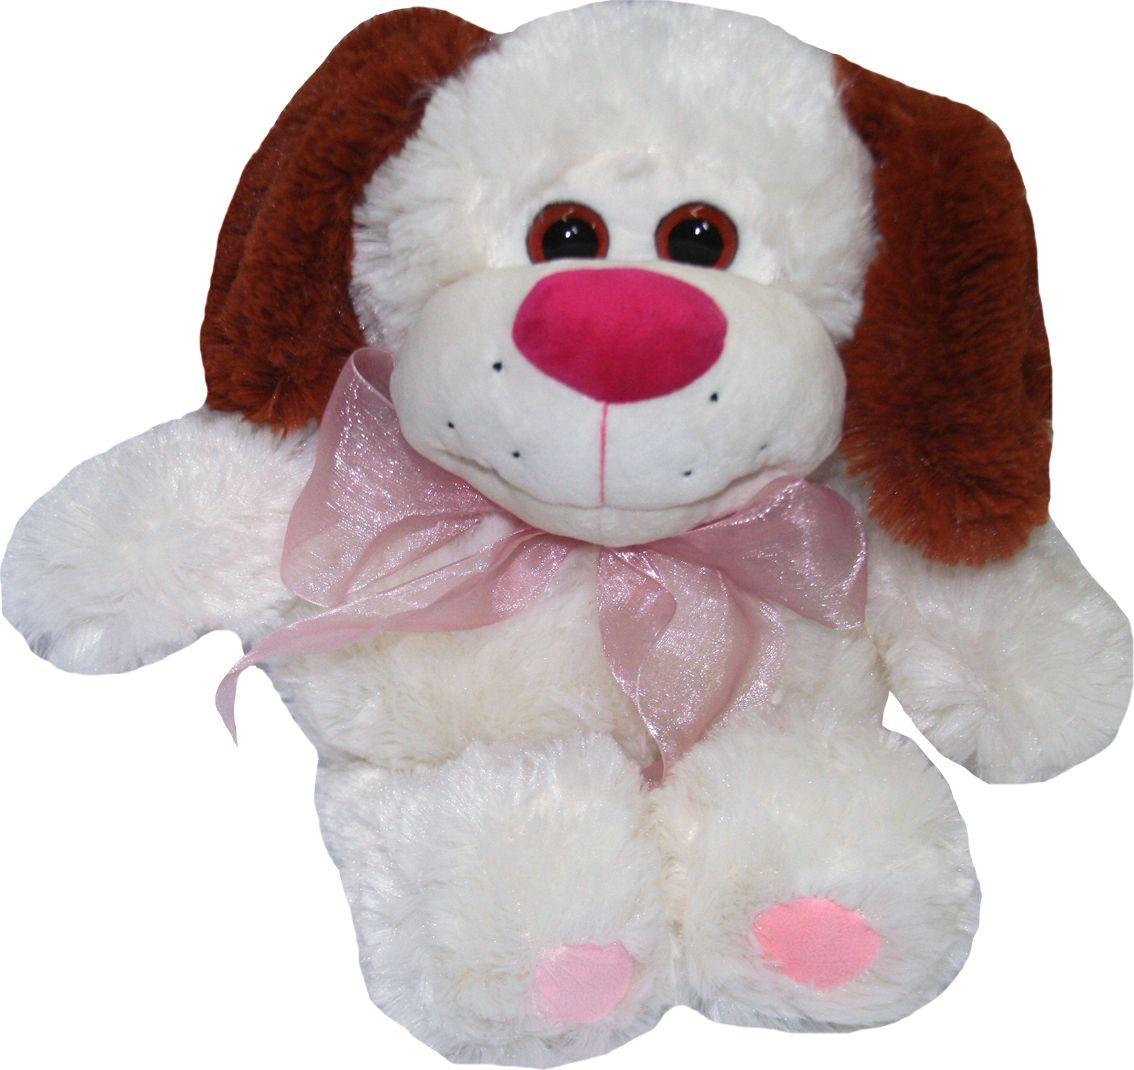 СмолТойс Мягкая игрушка Собачка 45 см 1889/МЛ/45 смолтойс мягкая игрушка собачка 45 см 1889 мл 45